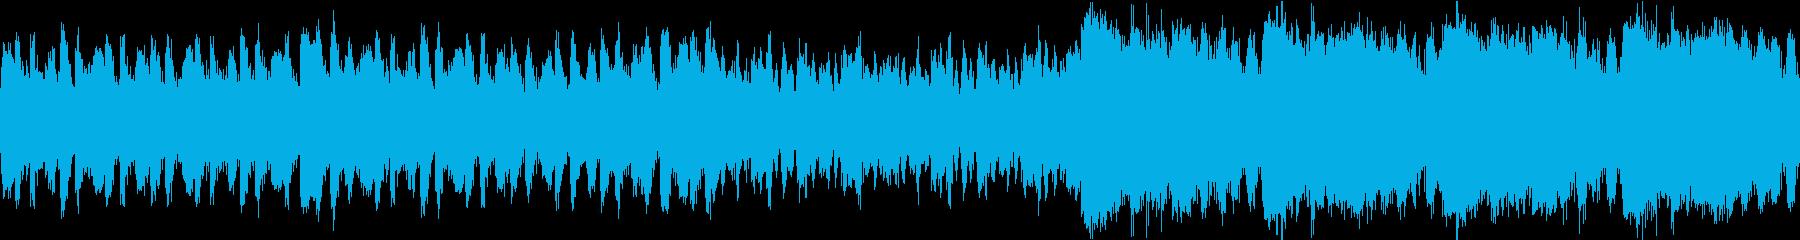 ハロウィン1 long ループの再生済みの波形